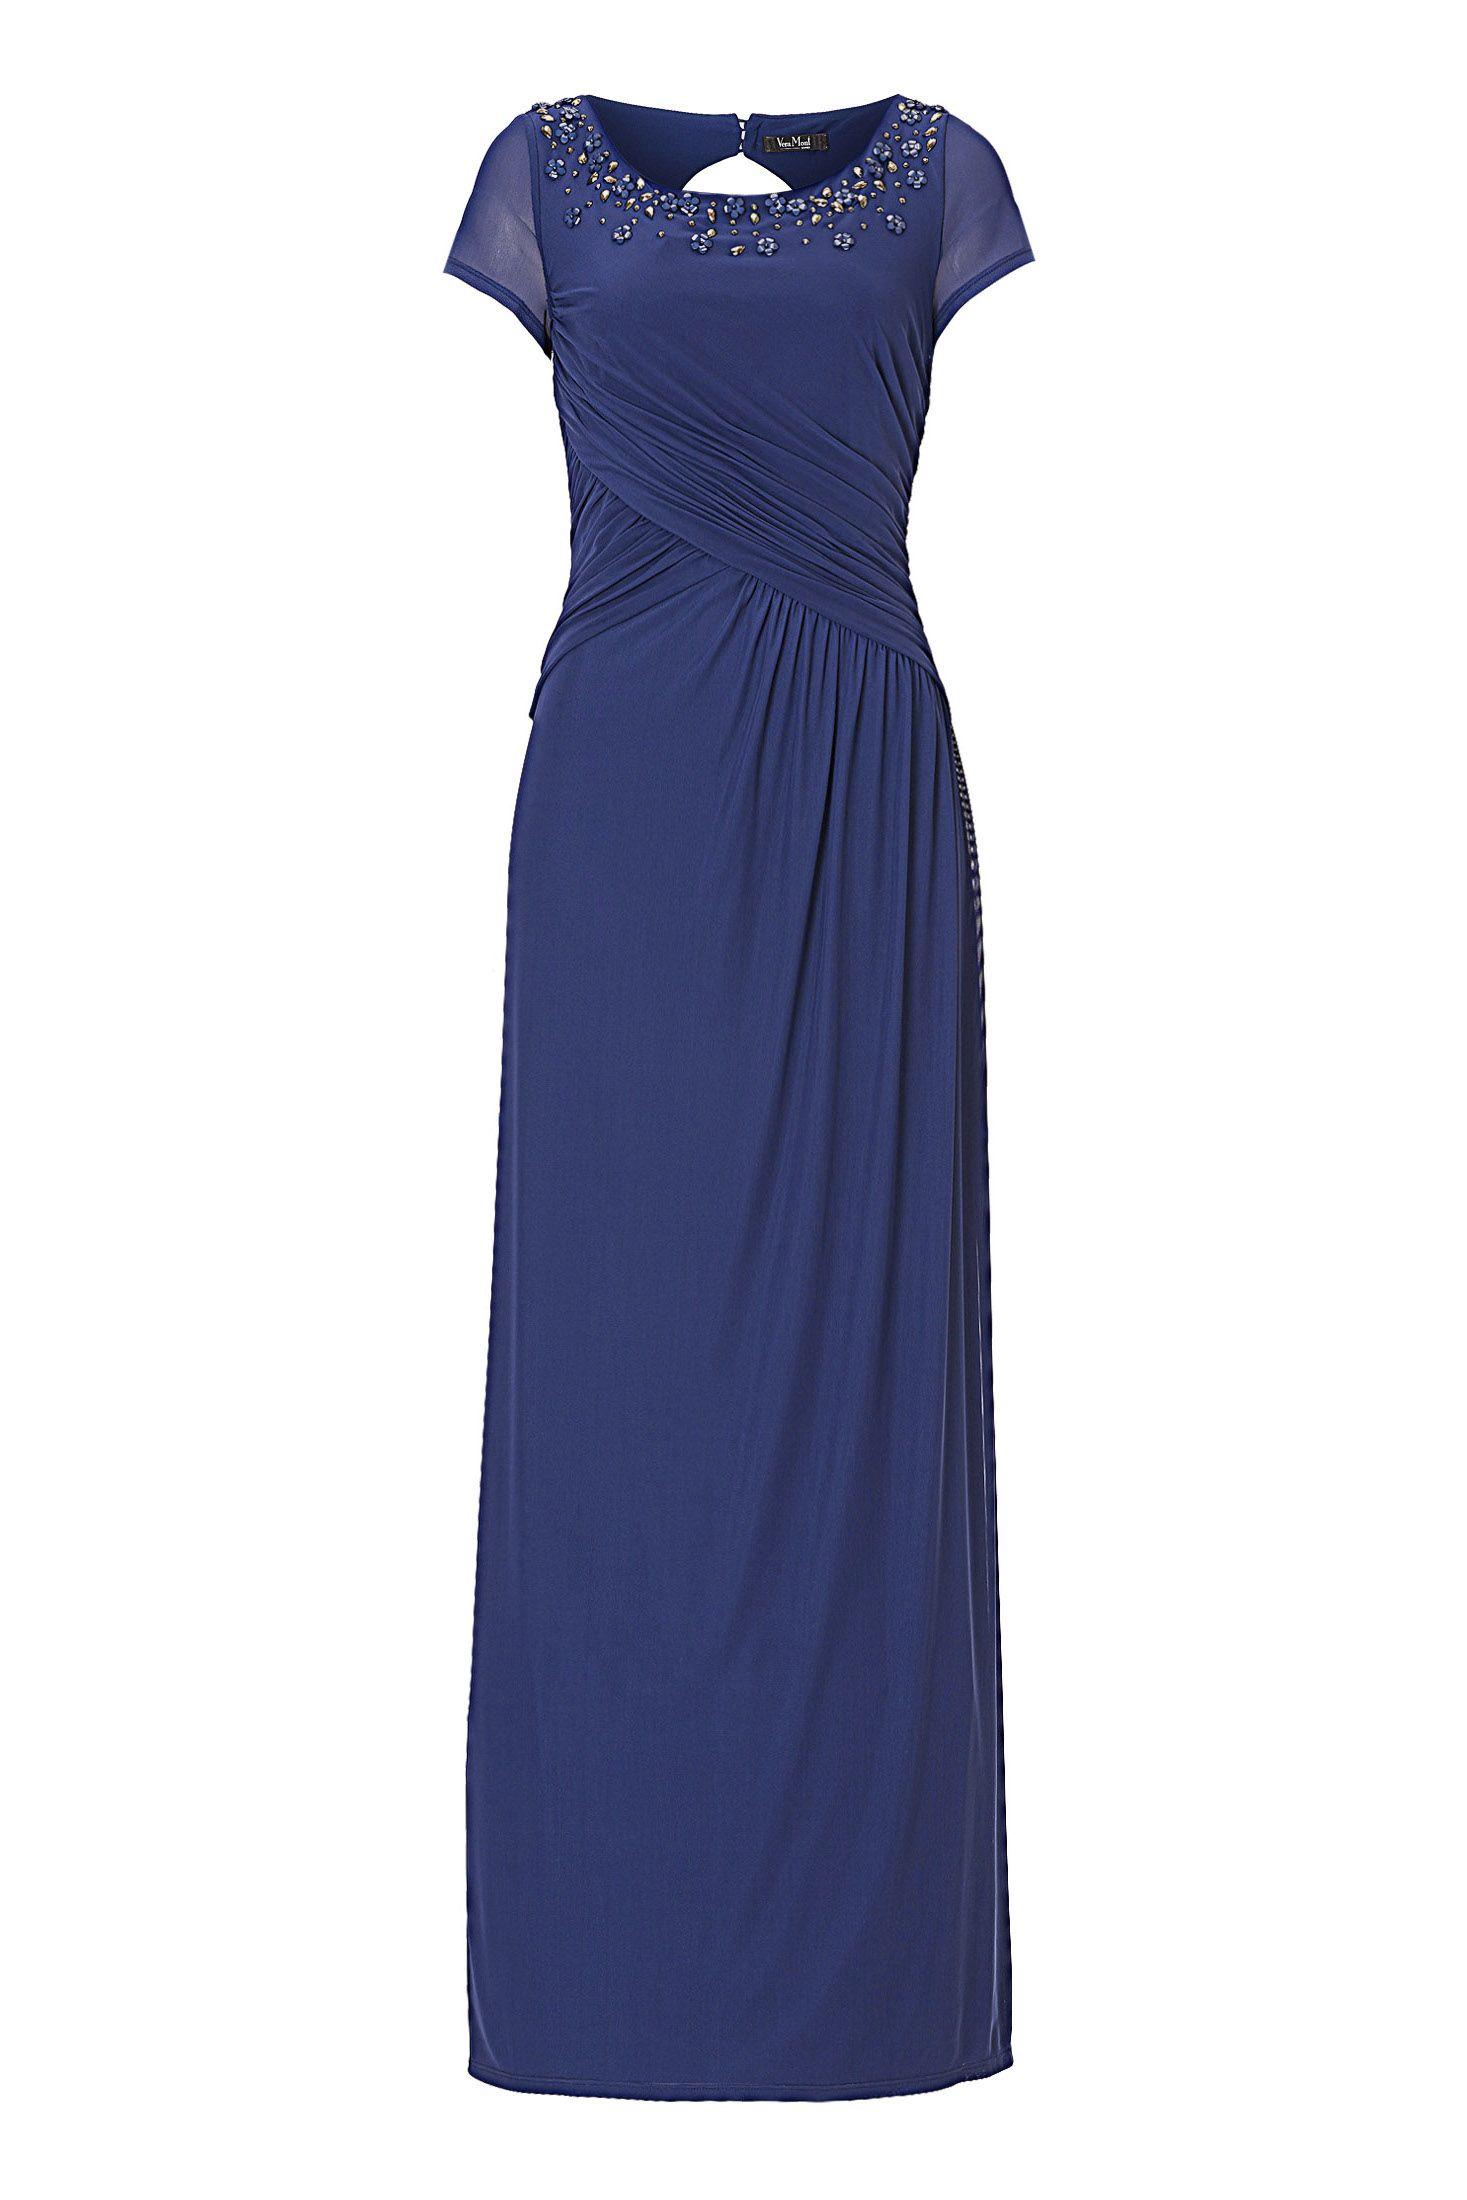 Festliches Abendkleid | Abendkleid, Kleider und Kleid mit ...